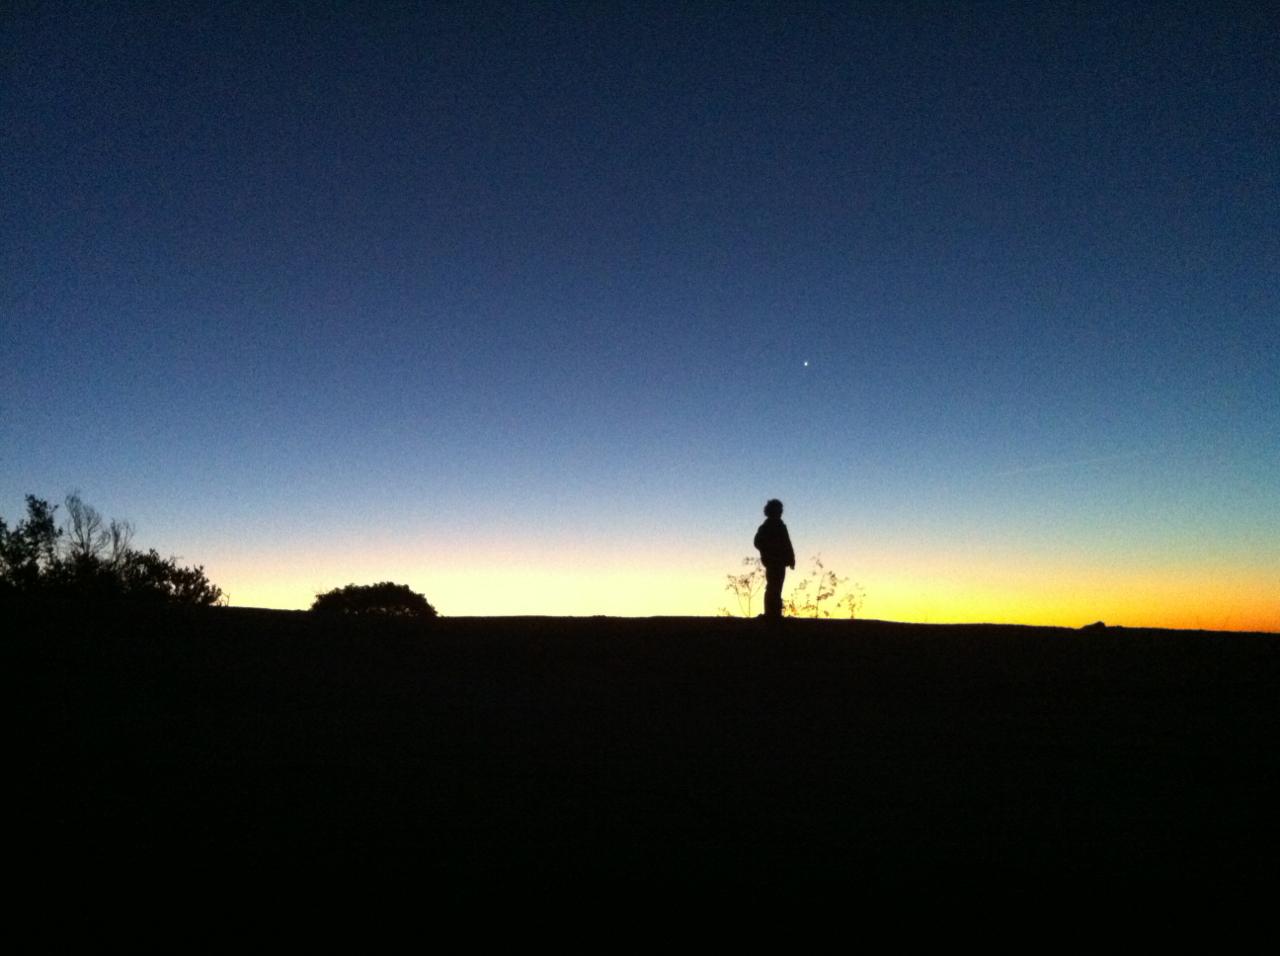 #sunriseoverla